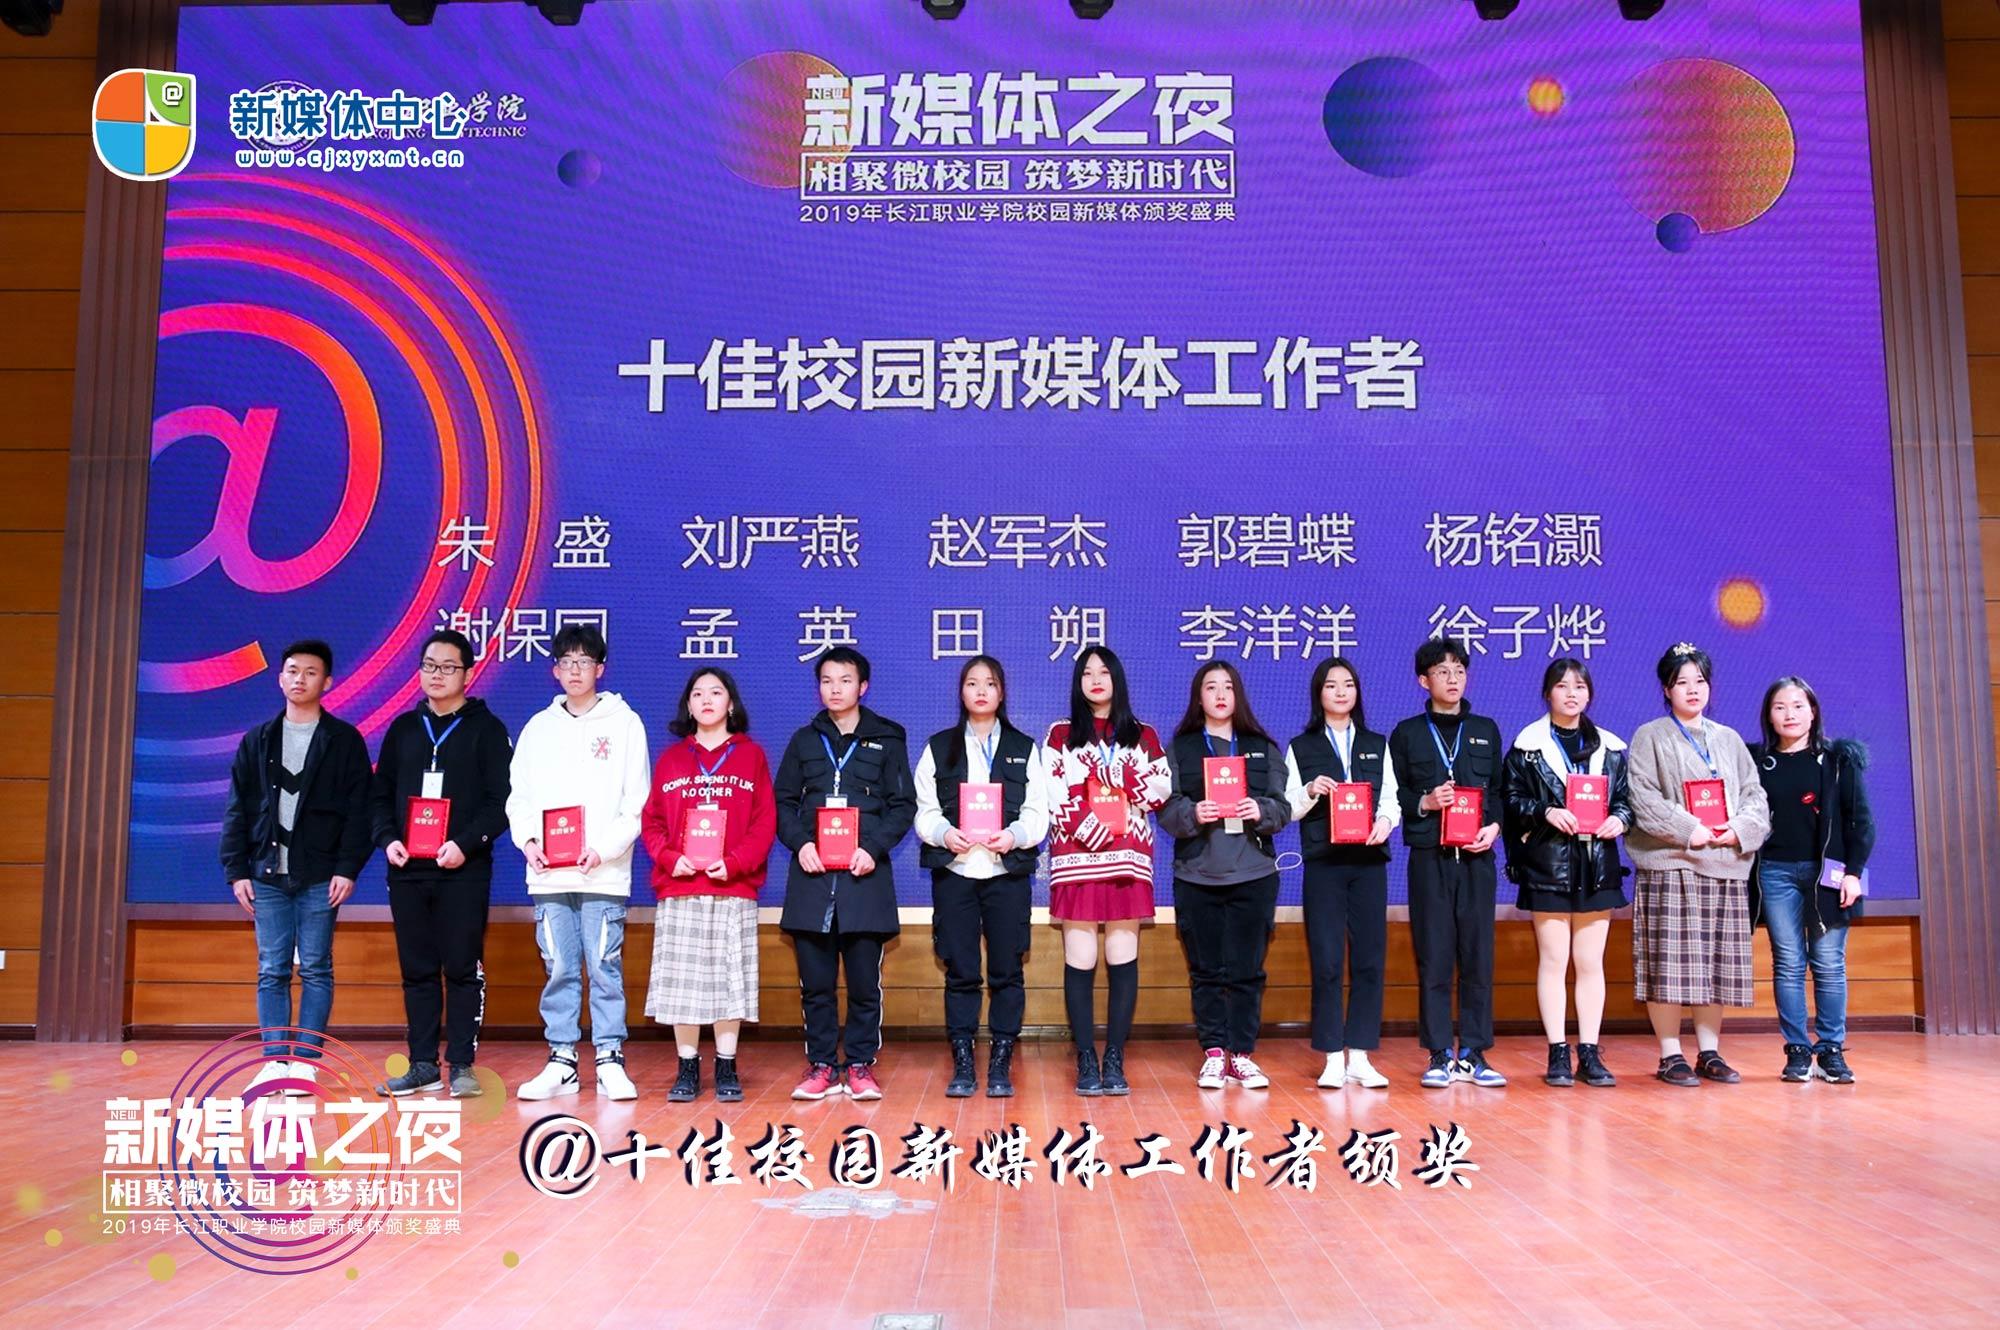 流程26  颁奖  十佳校园新媒体工作者